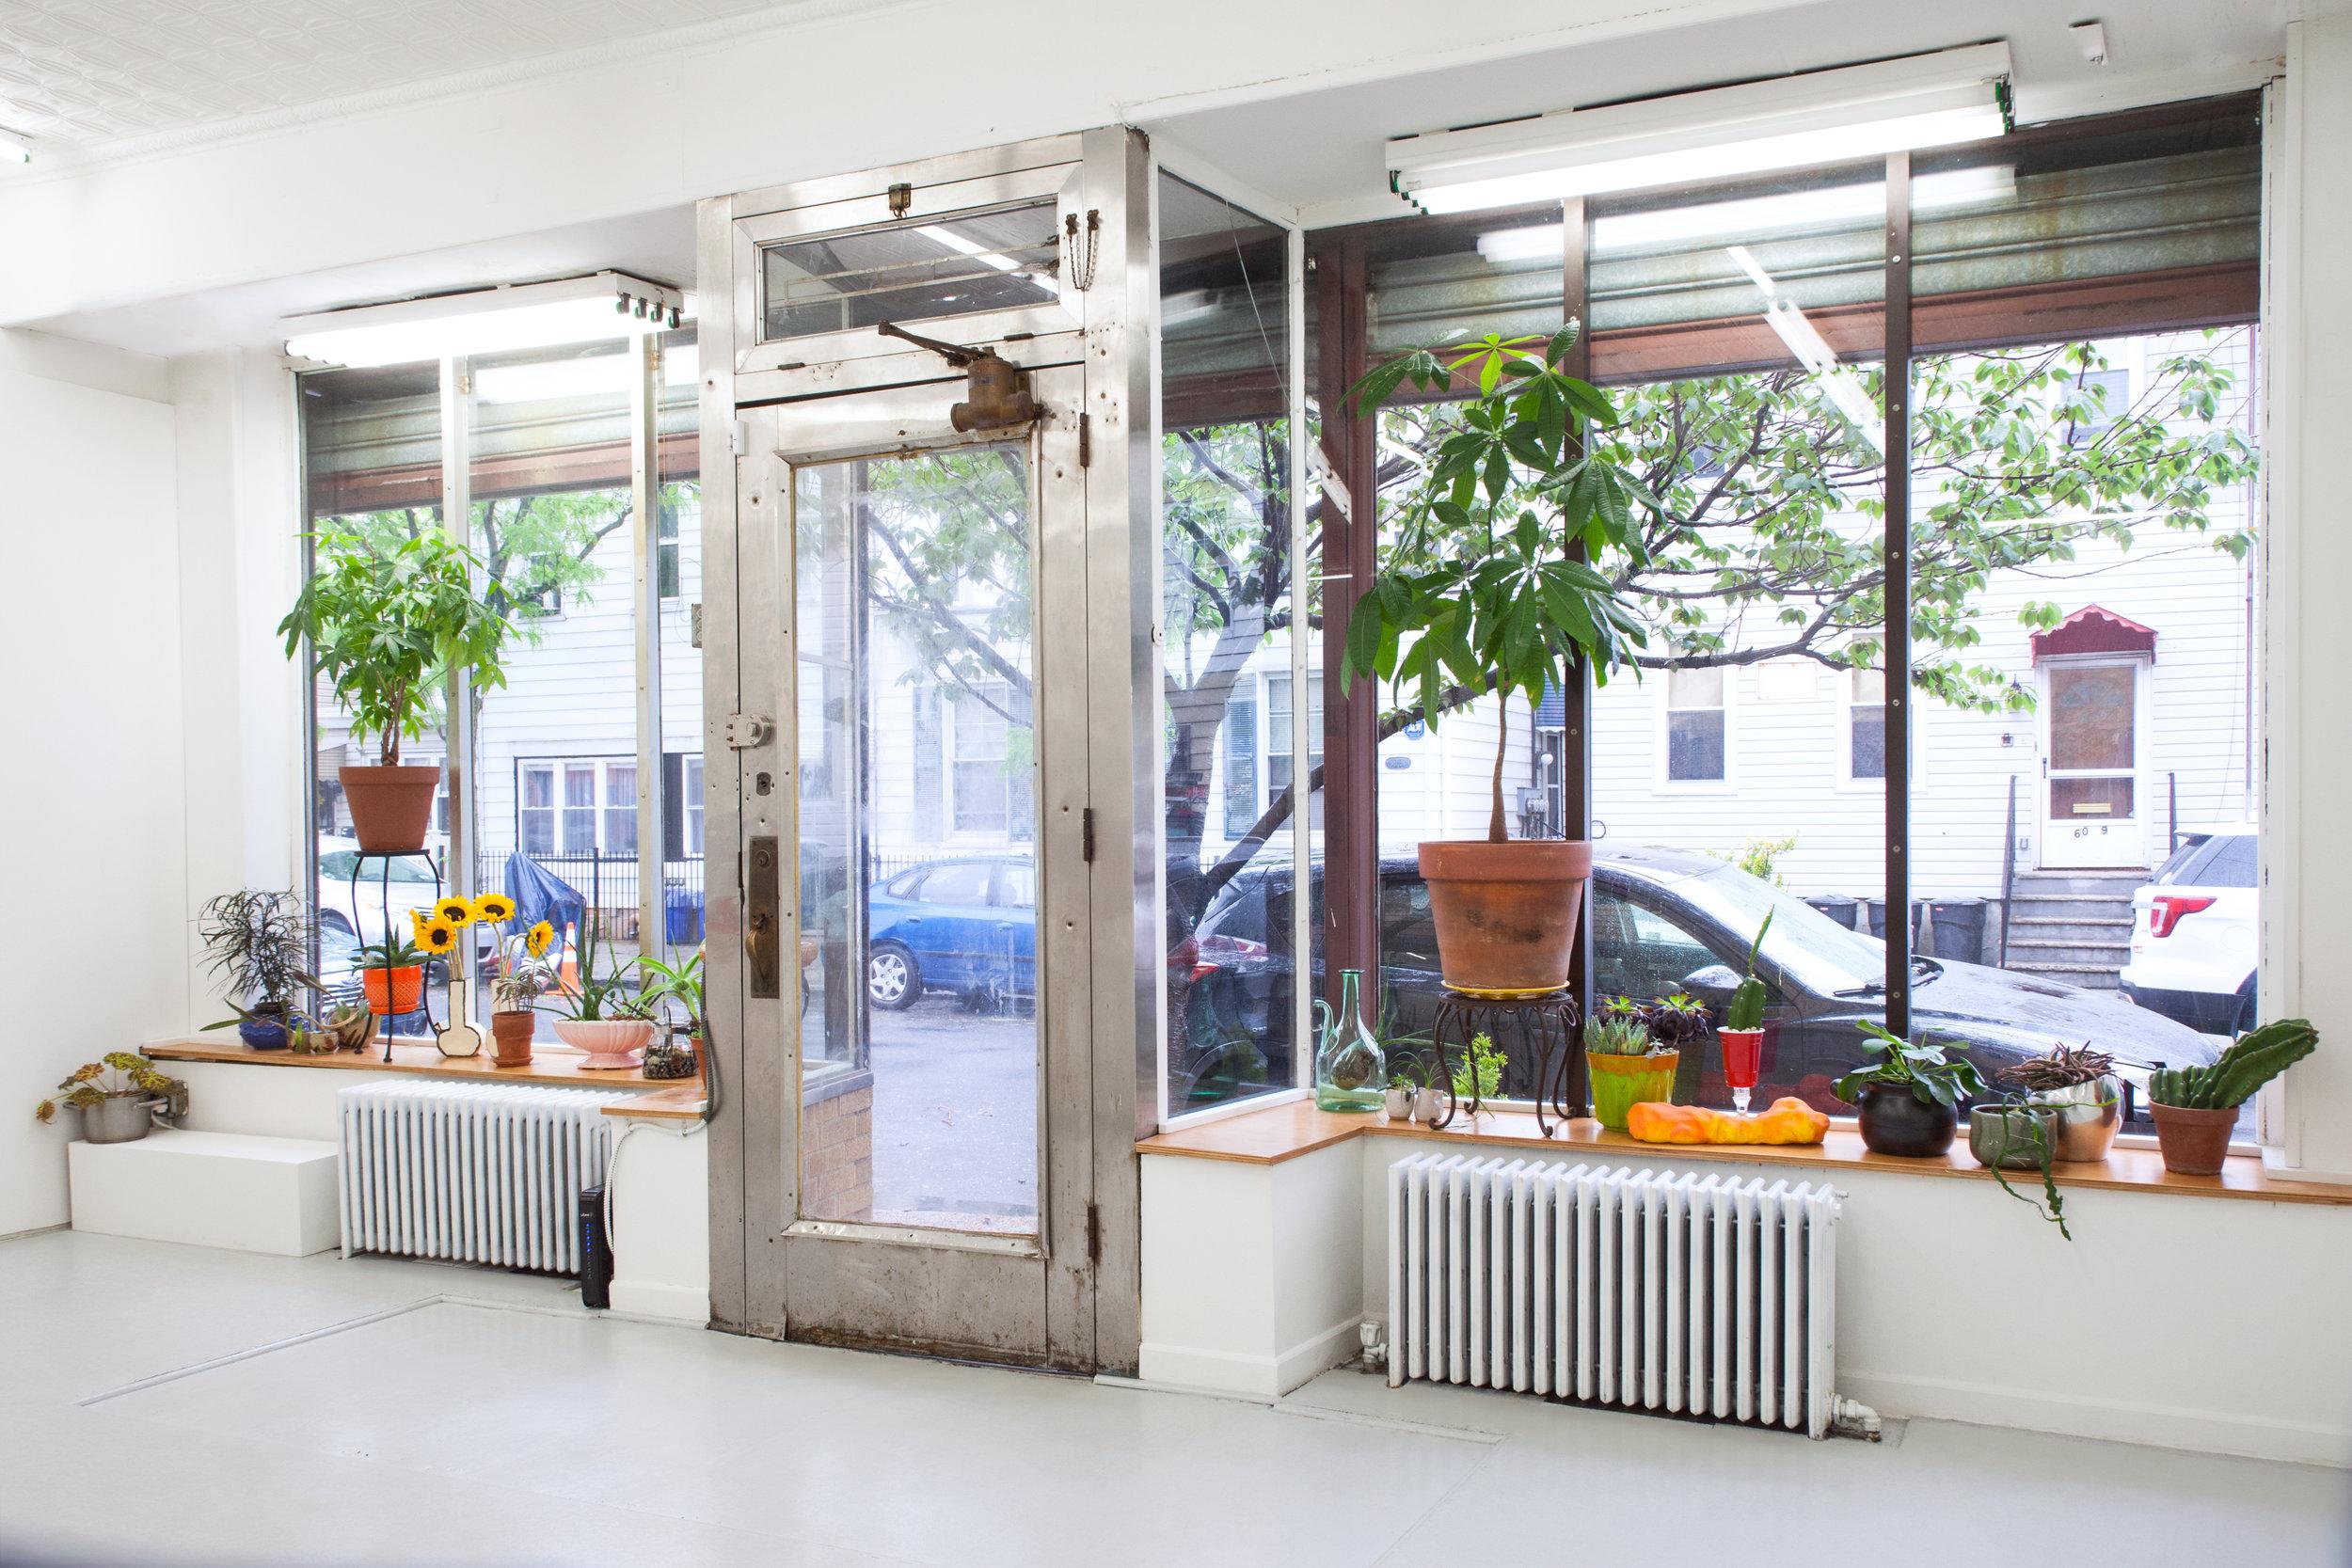 Dutch_Masters-Installation_View_21.jpg